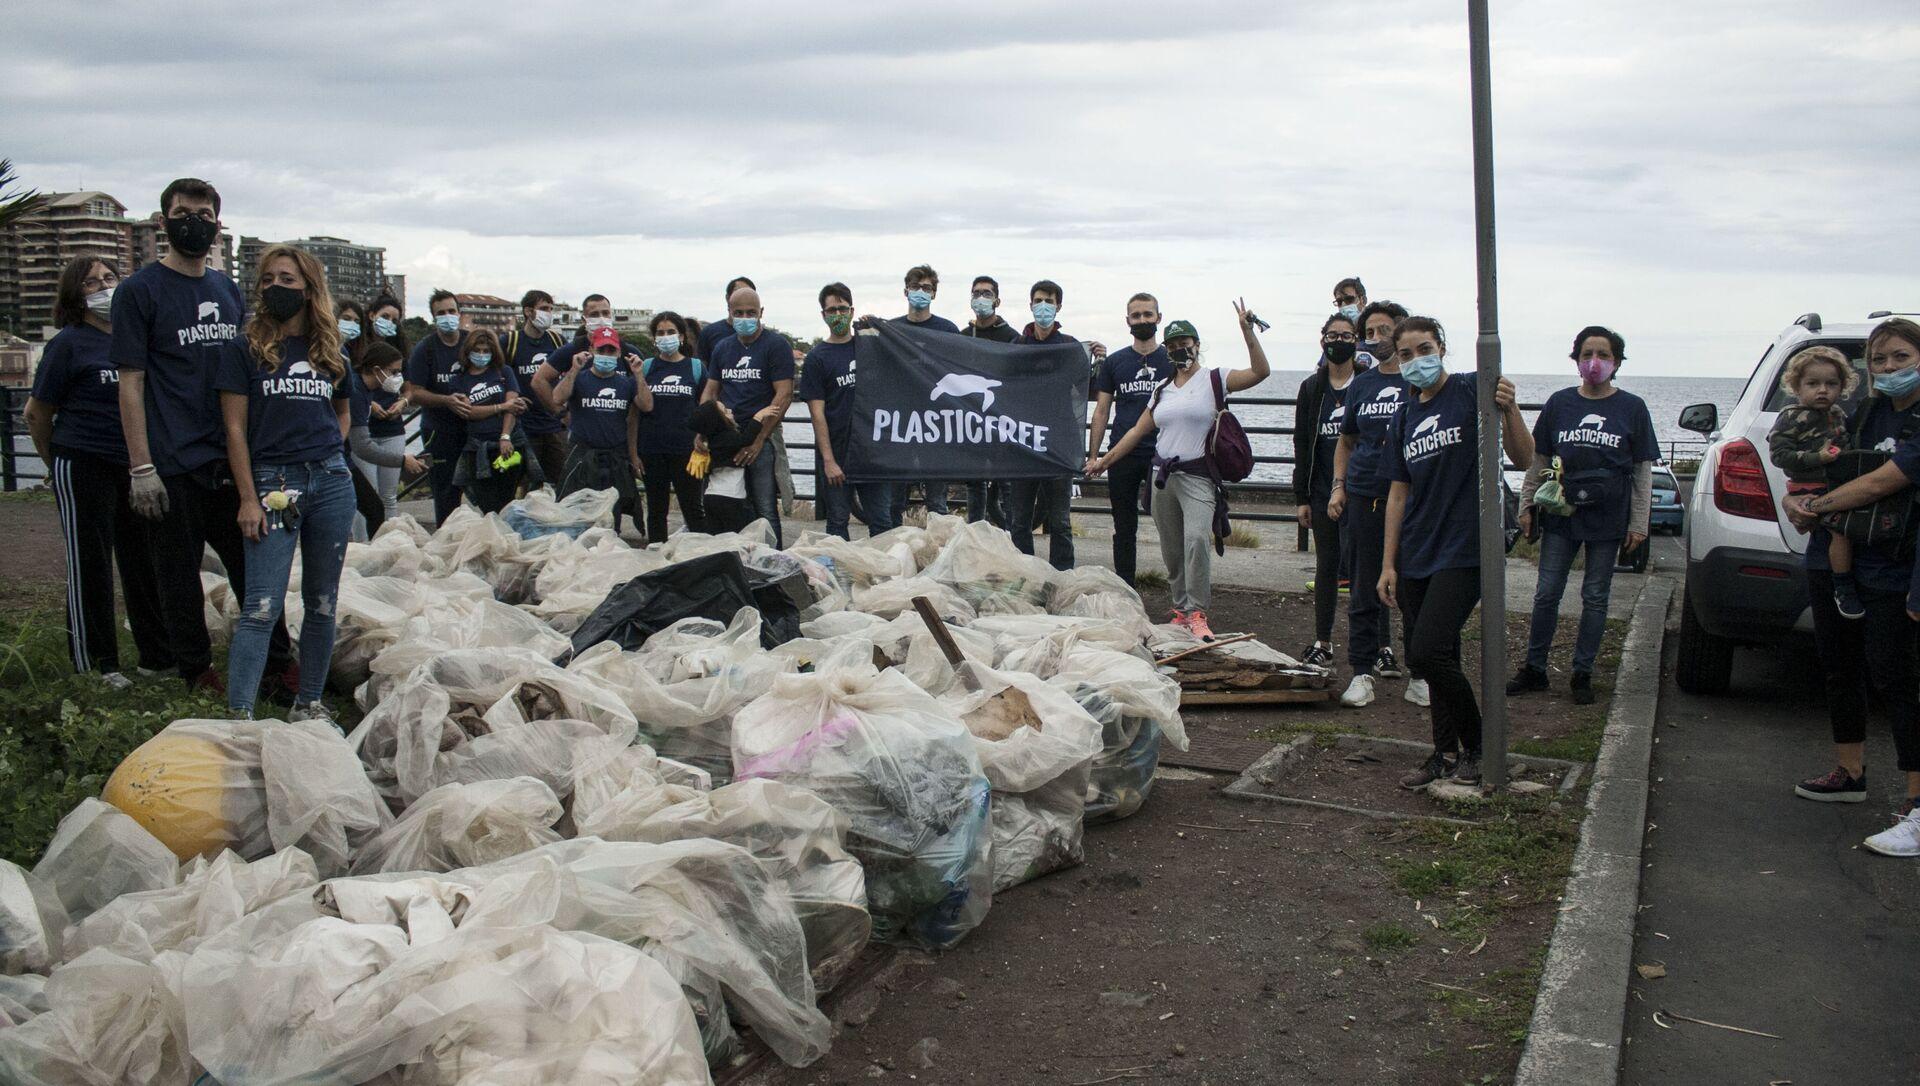 Giornata nazionale raccolta plastica, volontari  Plastic Free a Catania - Sputnik Italia, 1920, 21.03.2021